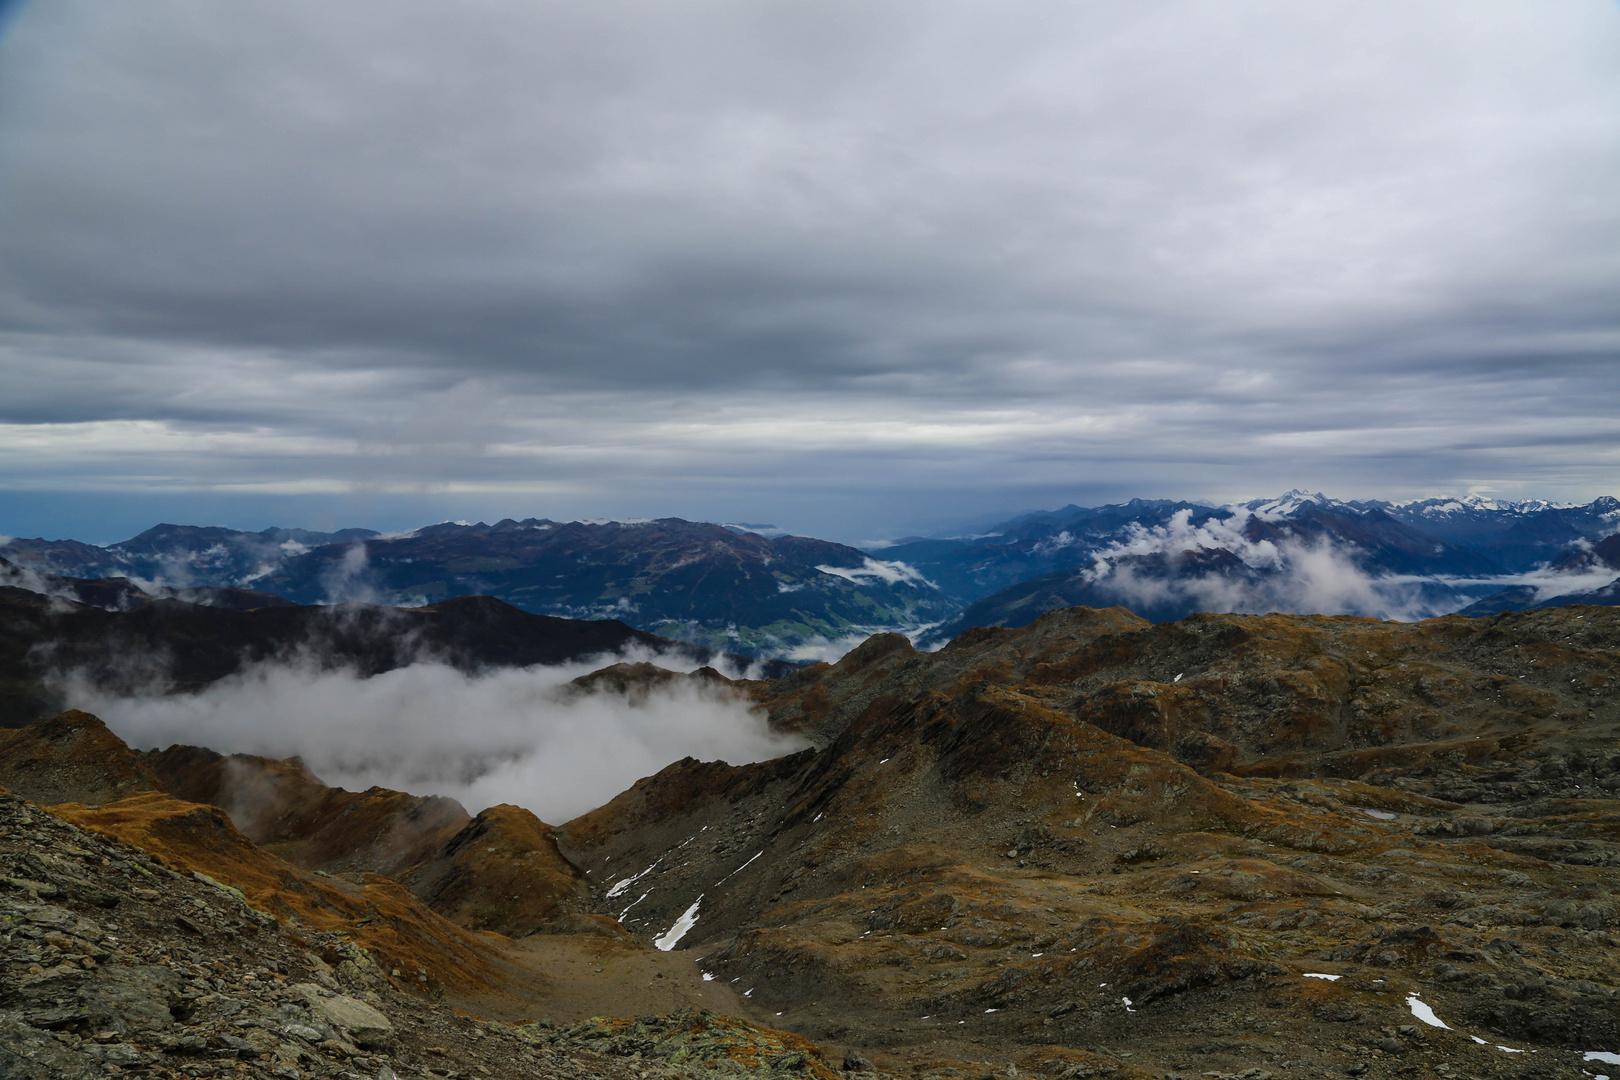 Rastkogel - Mayrhofen